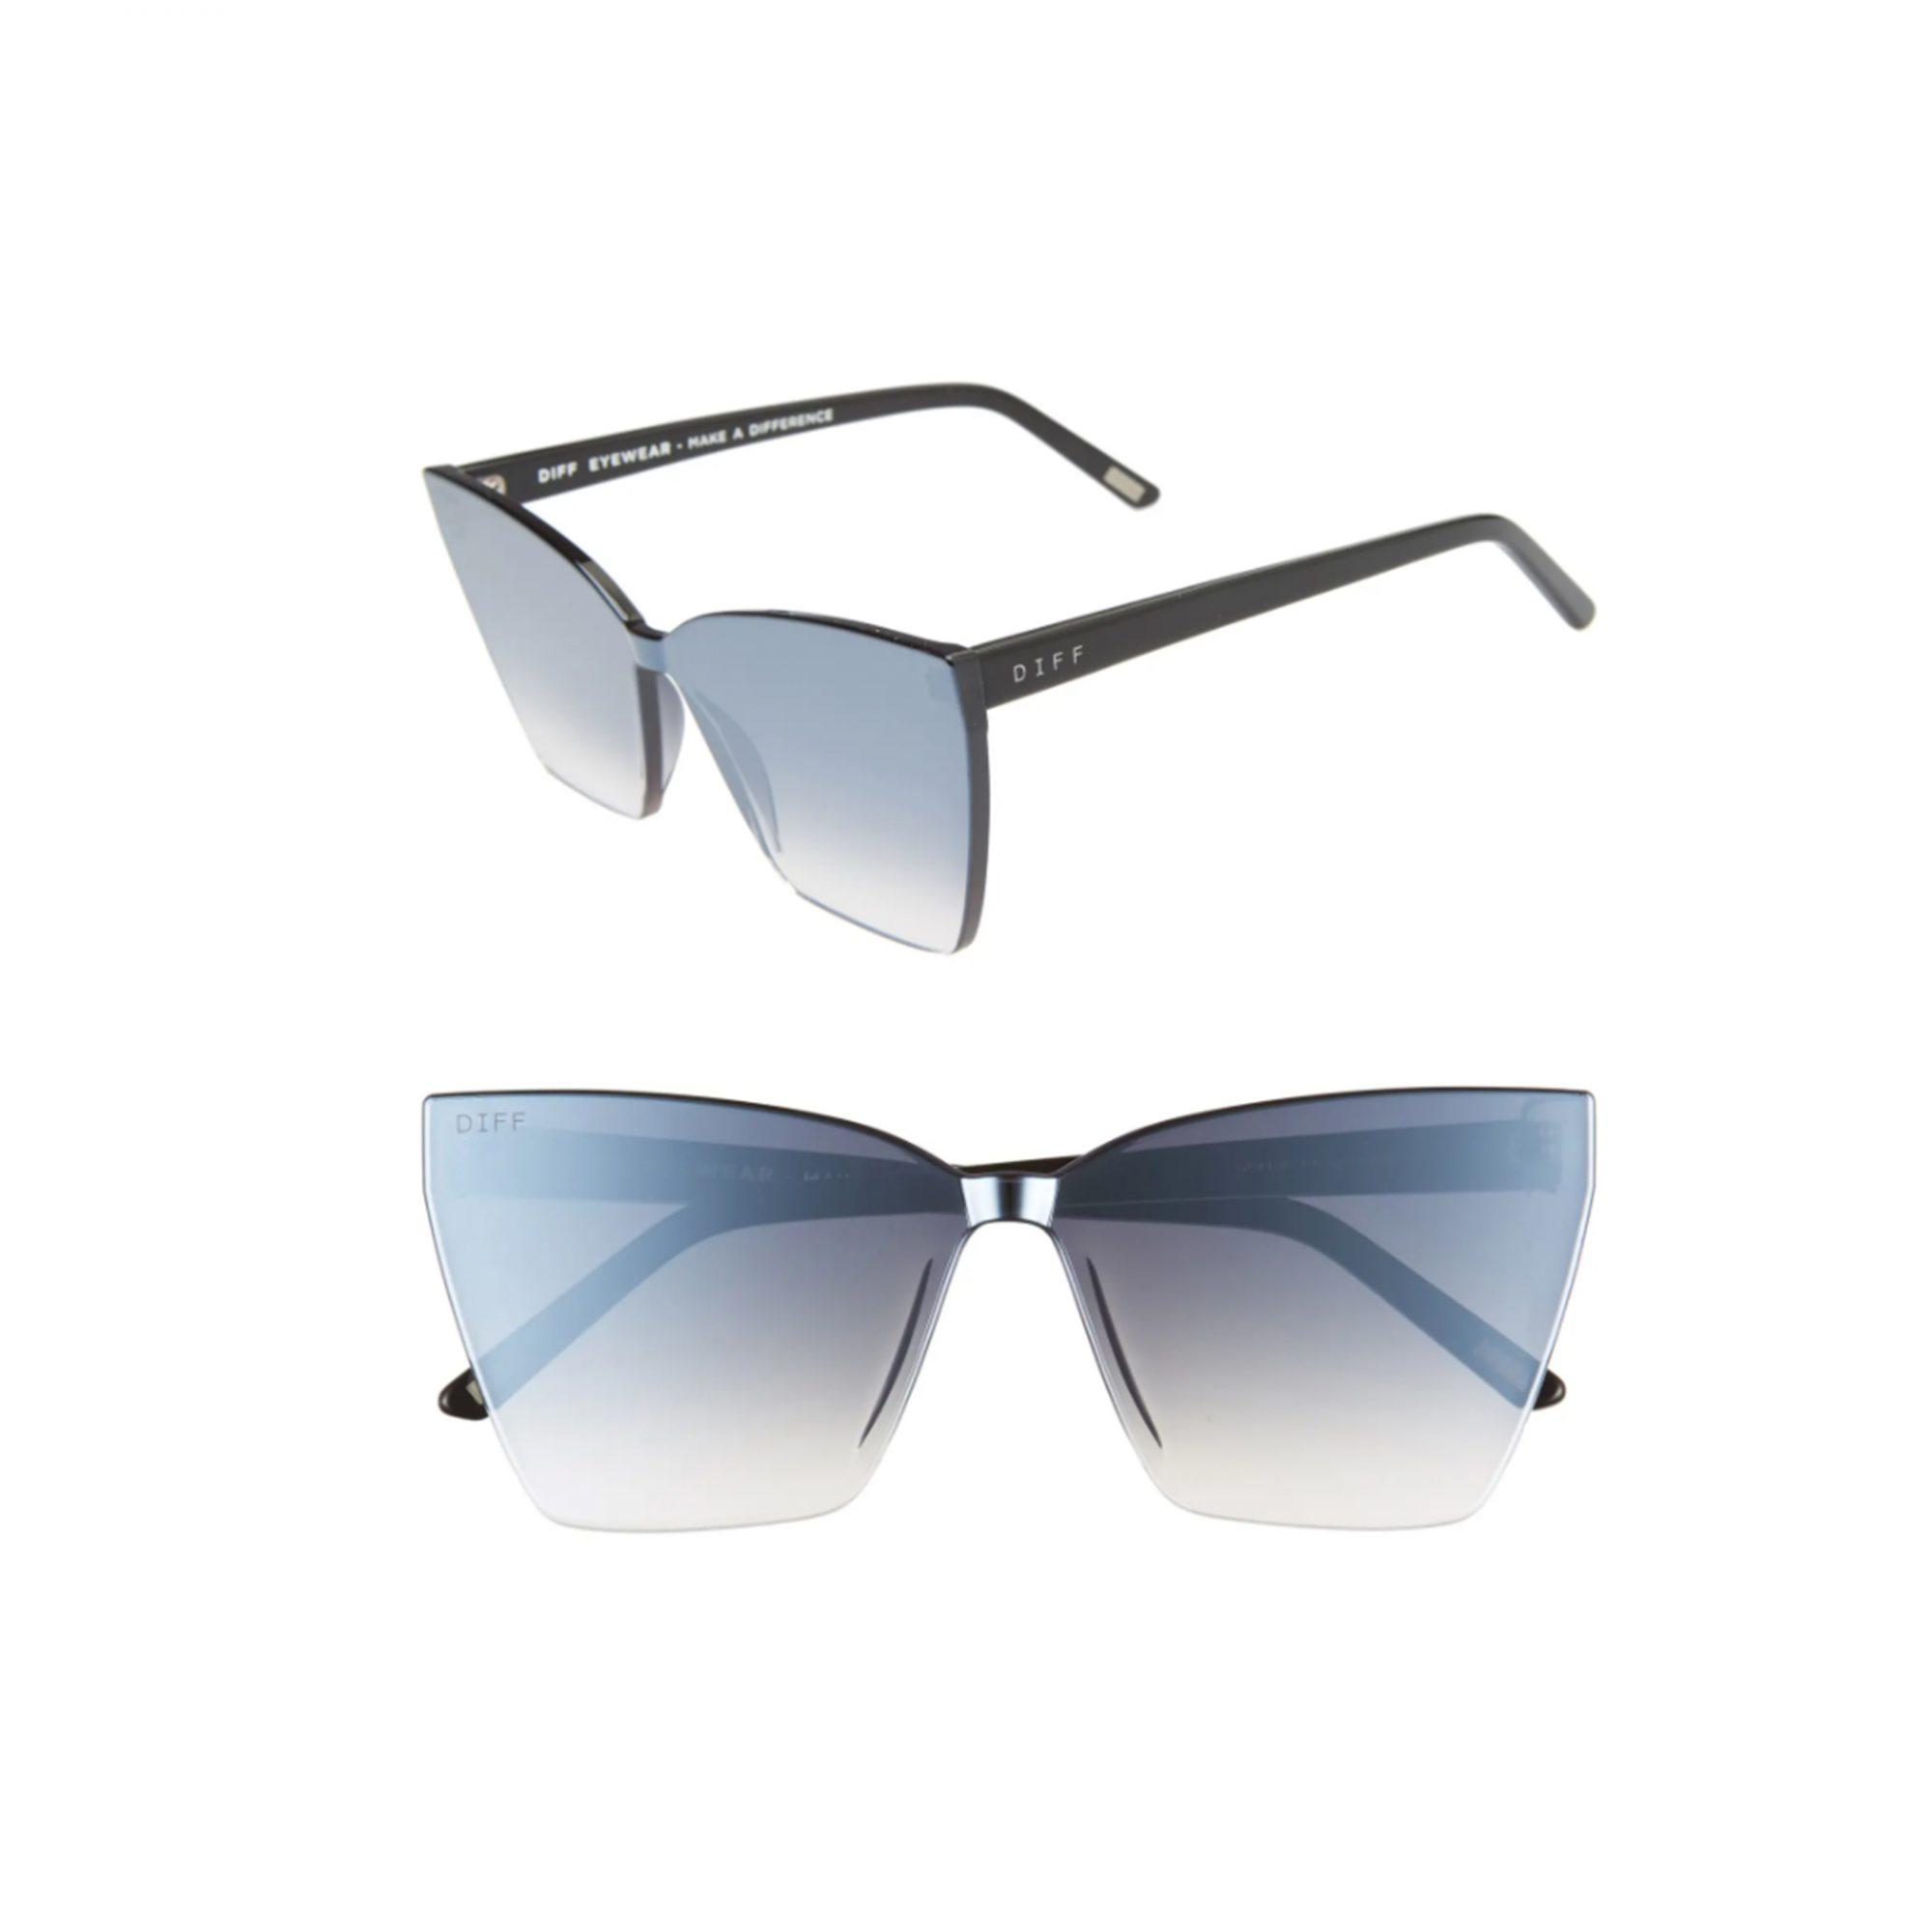 diff-mirrored-sunglasses